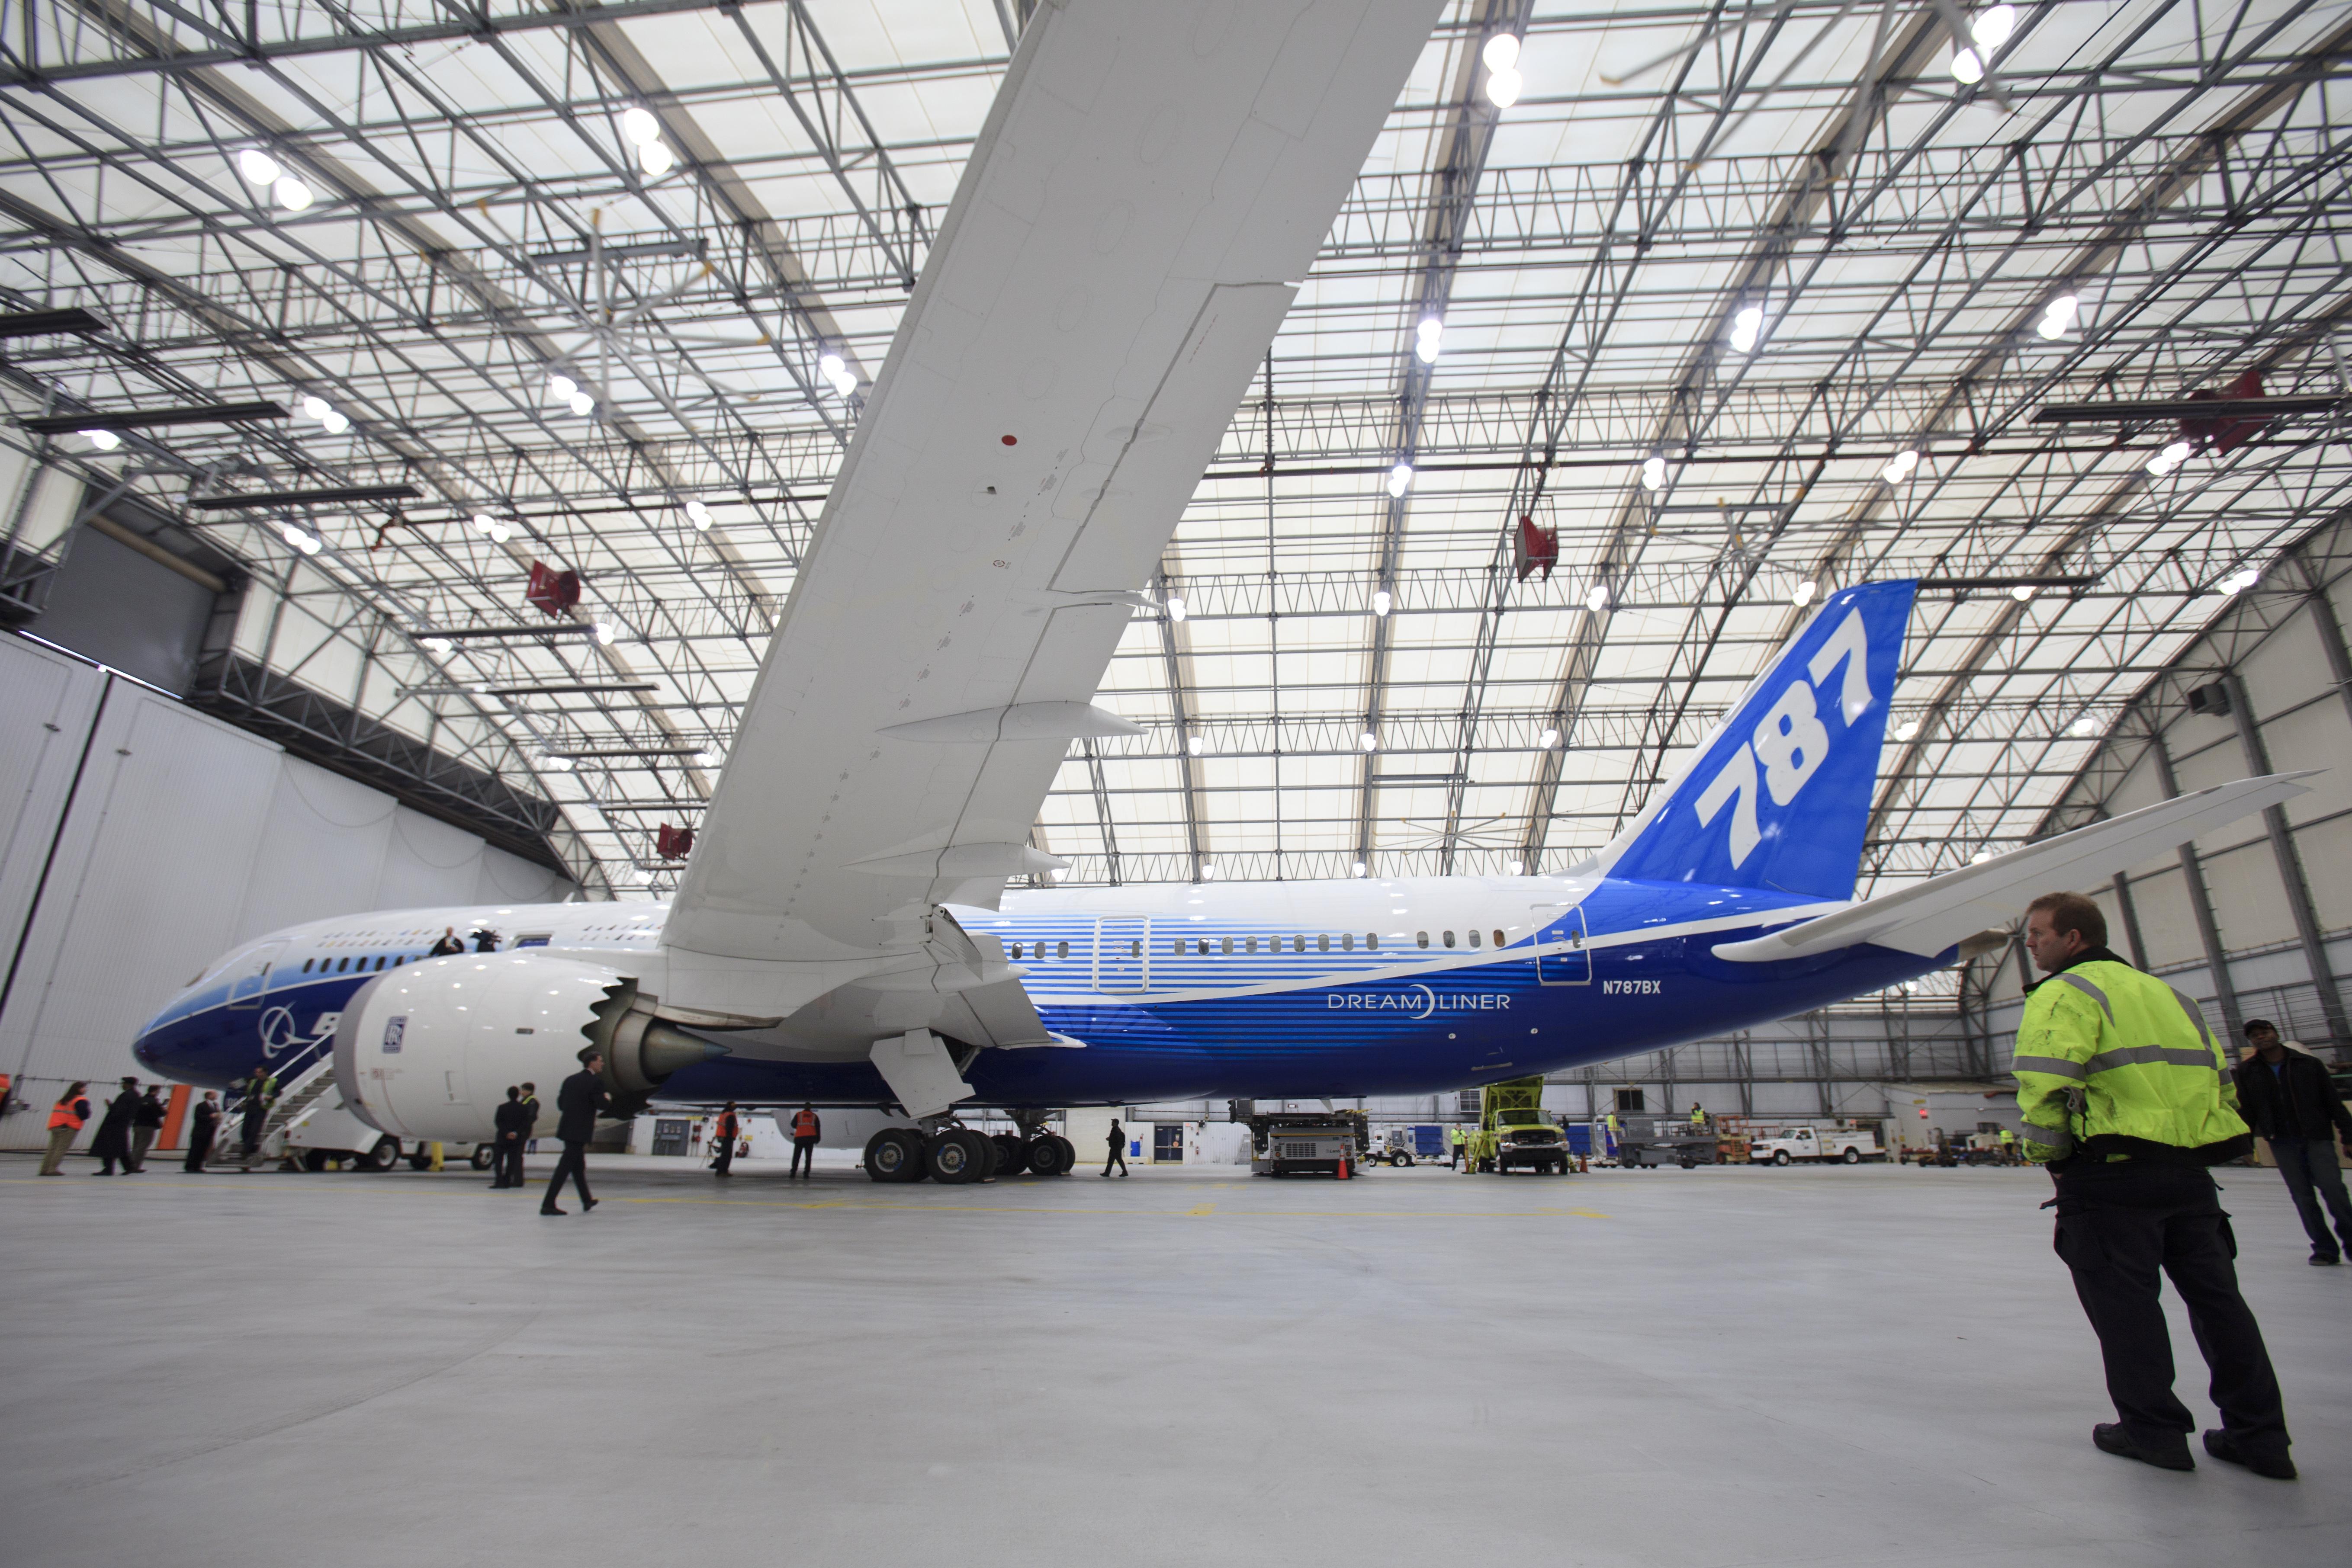 Boeing's New 787 Dreamliner's Boston Debut